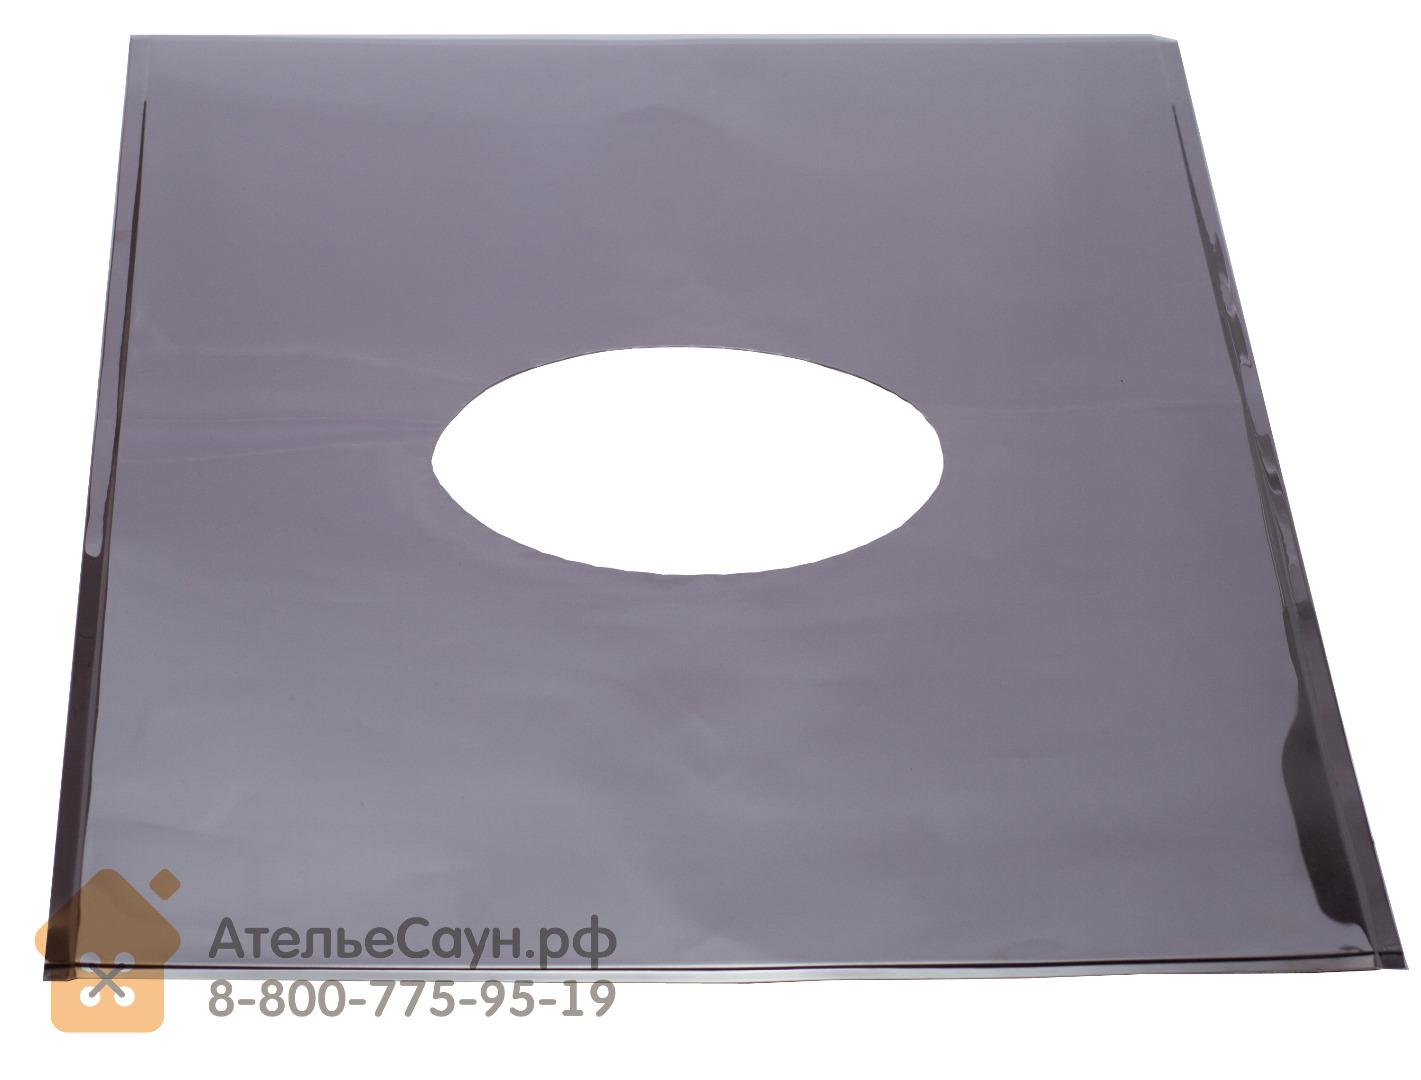 Дымоходы СПб Фланец D220 мм под угол (нерж. 0,5 мм, под заказ под точный угол)